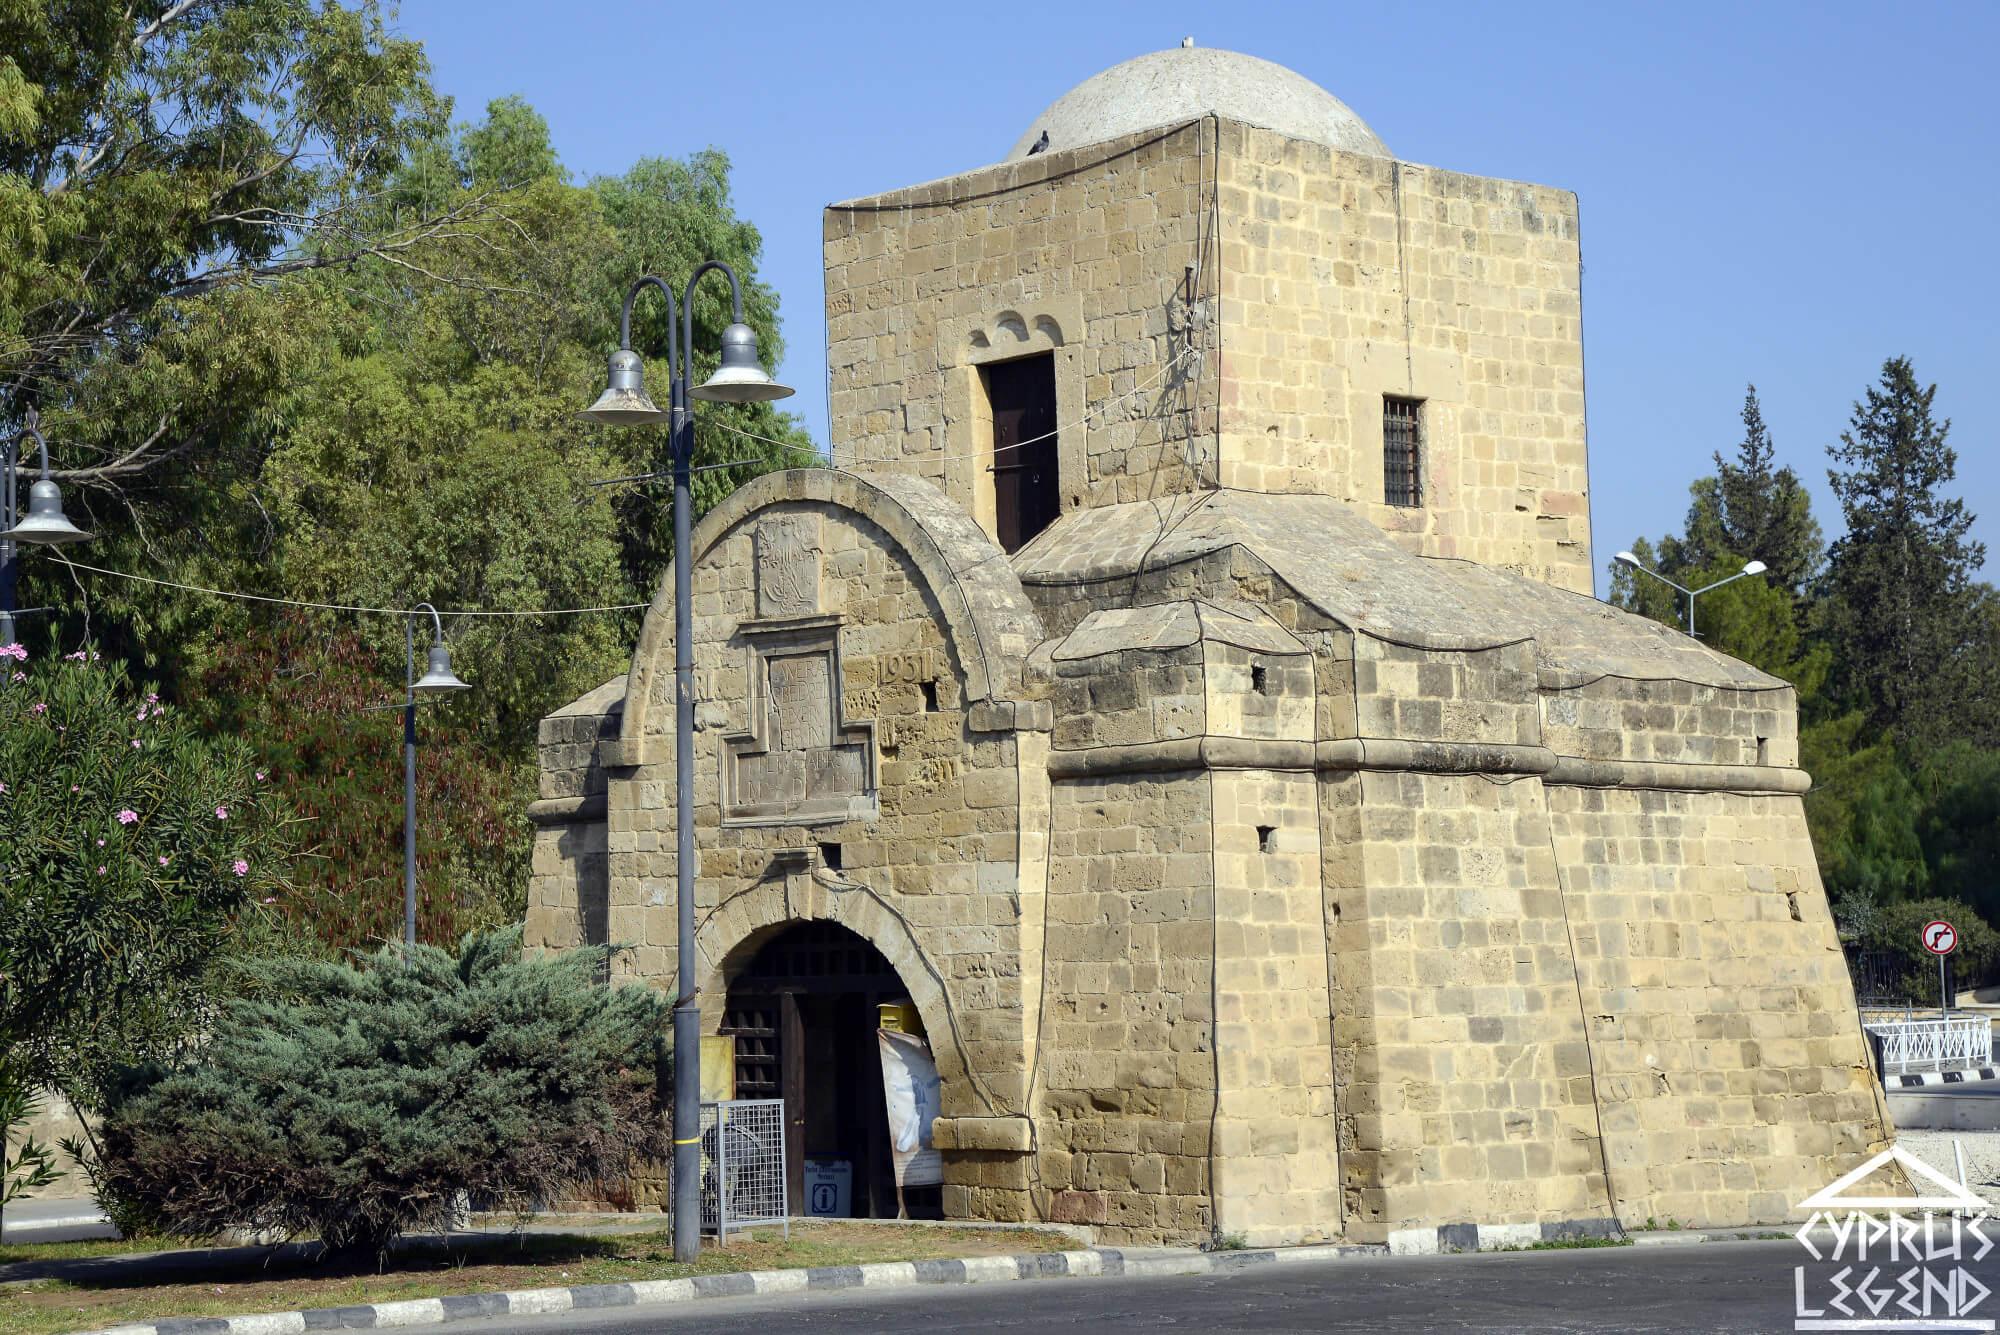 Киренийские ворота (Kyrenia Gate)